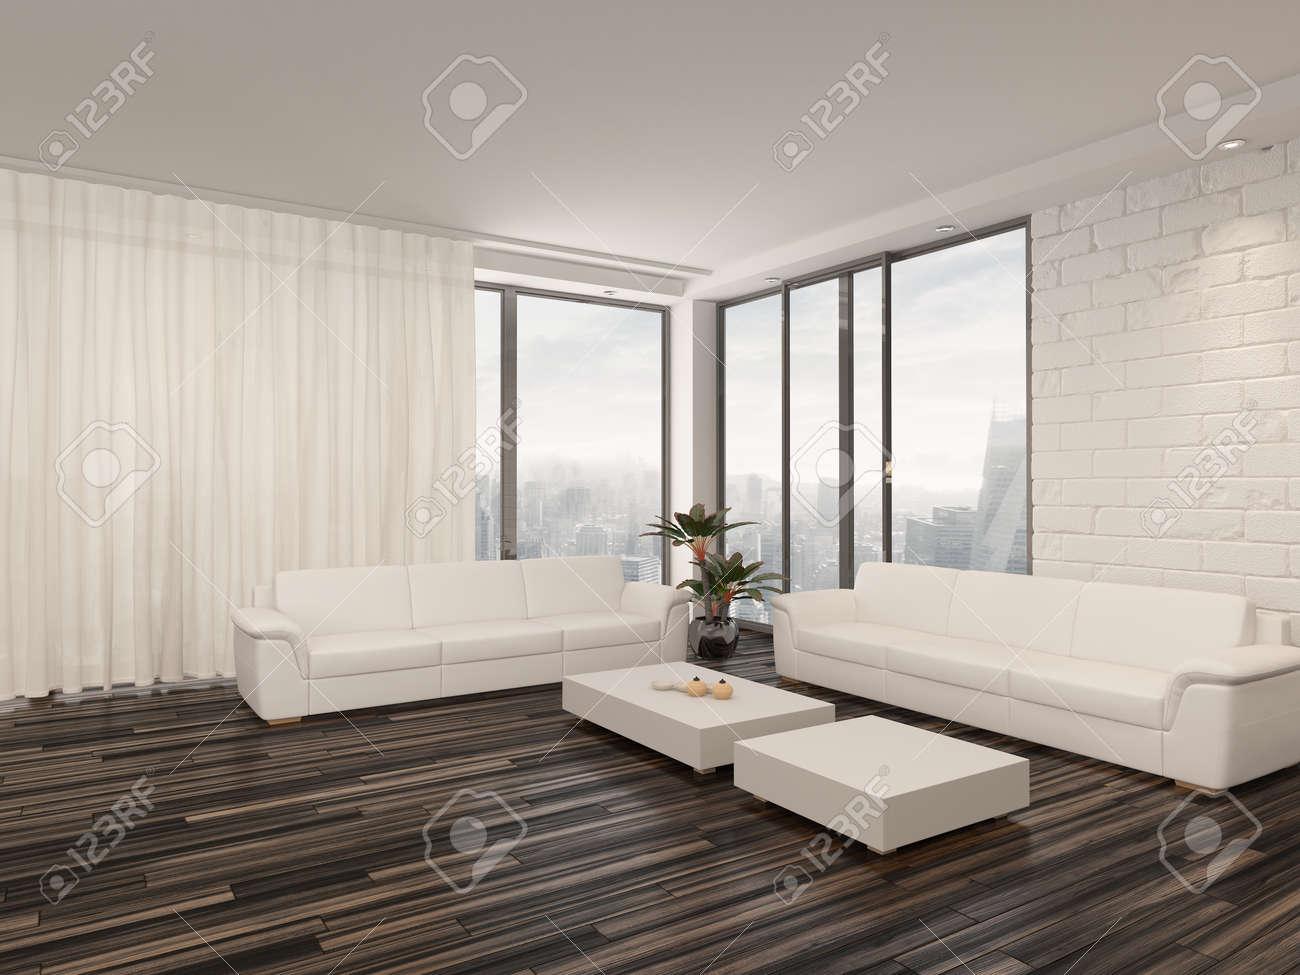 Moderne Minimaliste Salon Interieur Avec Un Sol Nu En Parquet